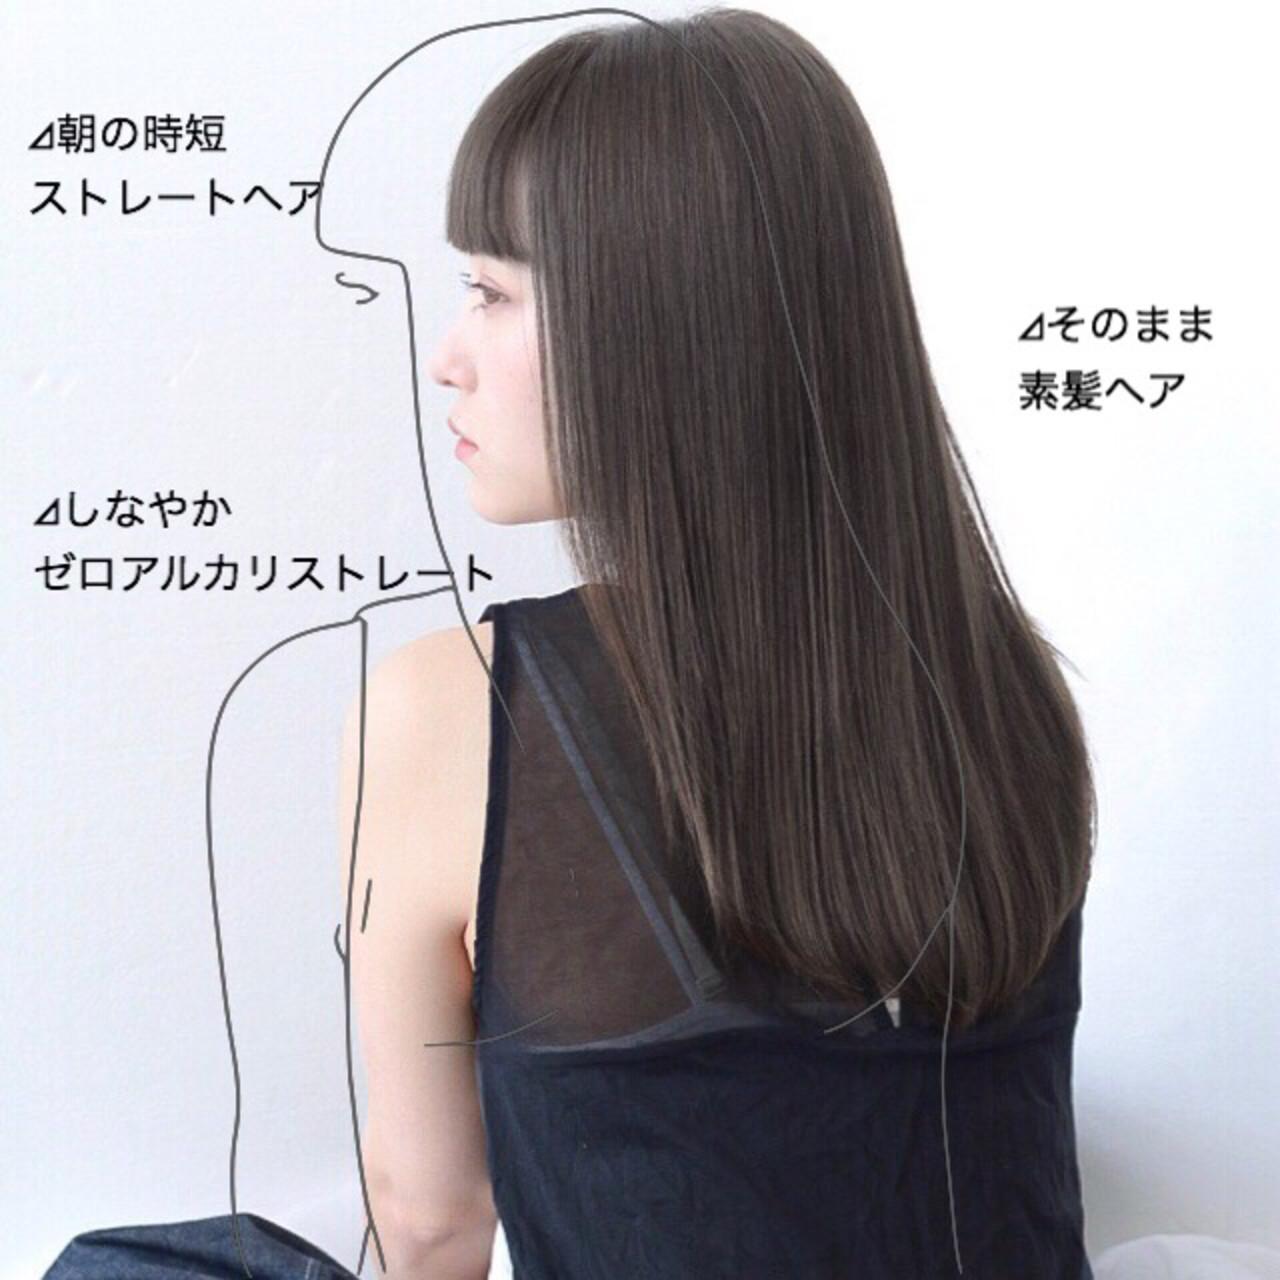 前髪 セミロング 髪質改善 グレージュ ヘアスタイルや髪型の写真・画像